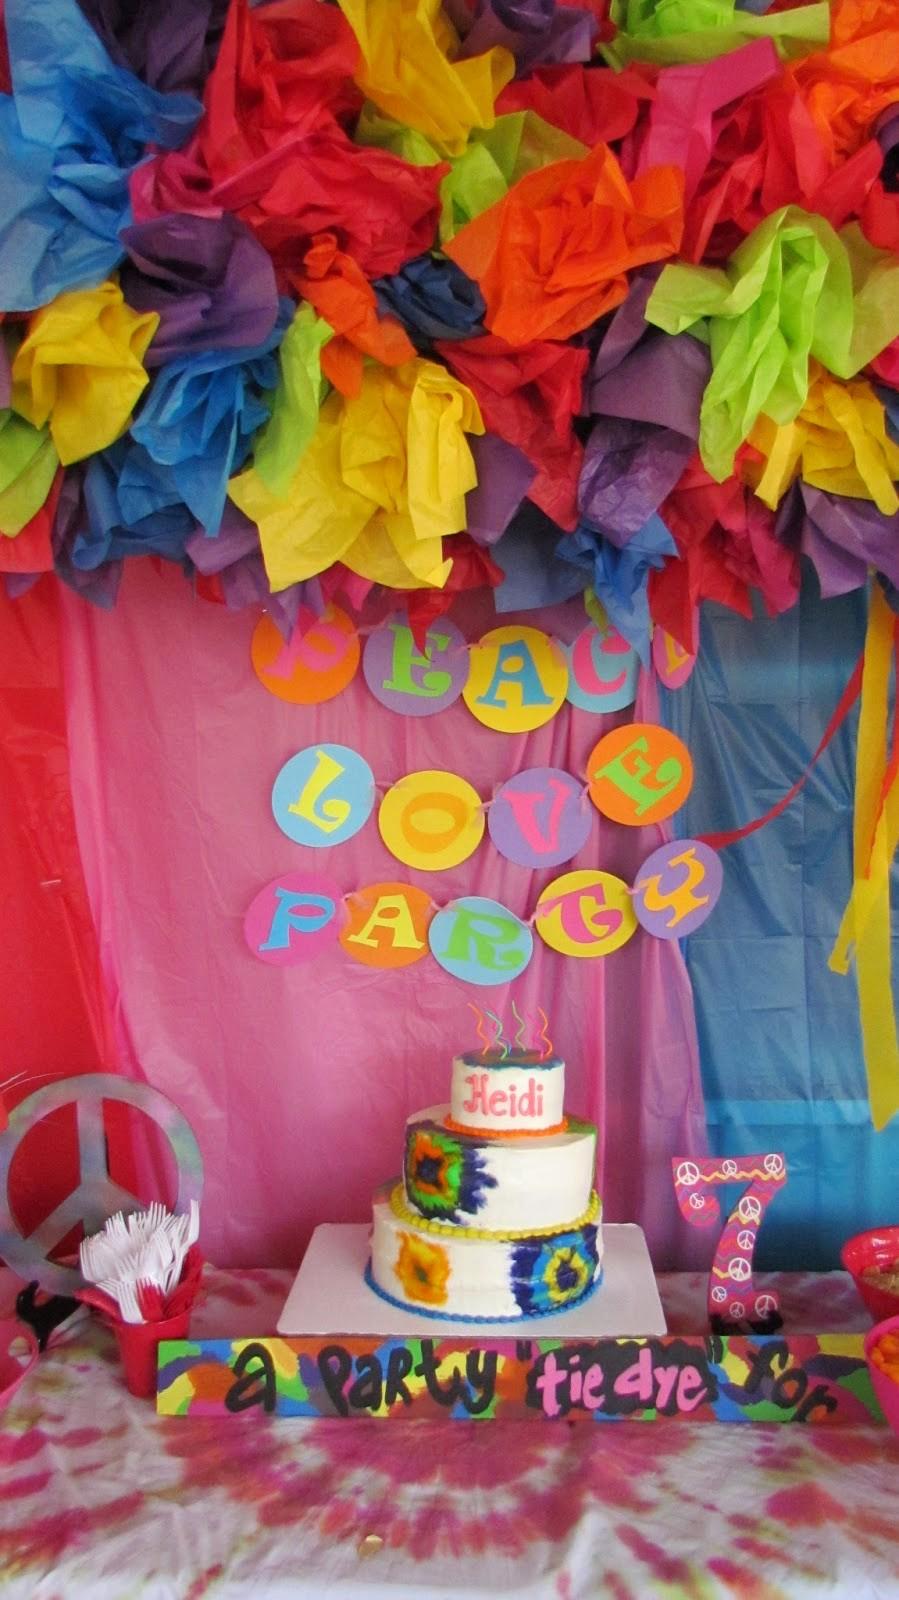 Tie Dye Happy Birthday Images Luxury the Colquett 5 Heidi S Tie Dye Party Happy 7th Birthday